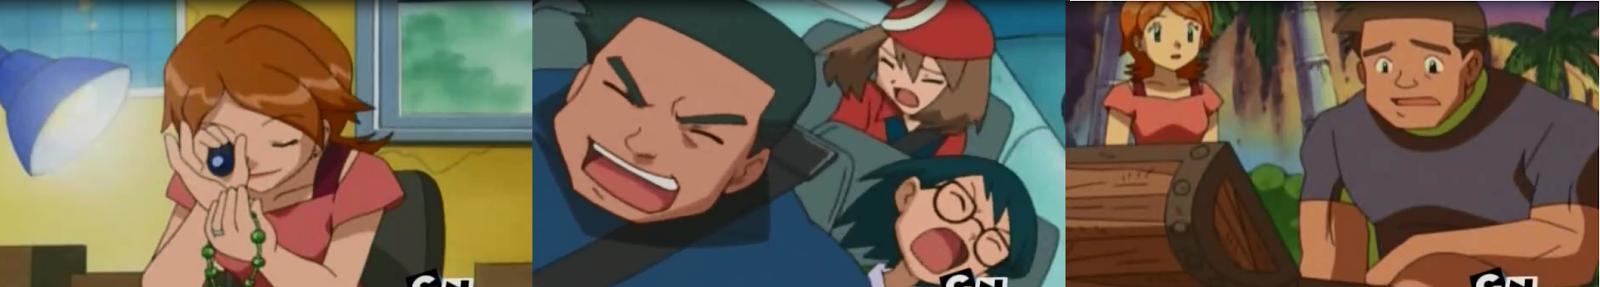 Pokémon -  Capítulo 2 - Temporada 8 - Audio Latino